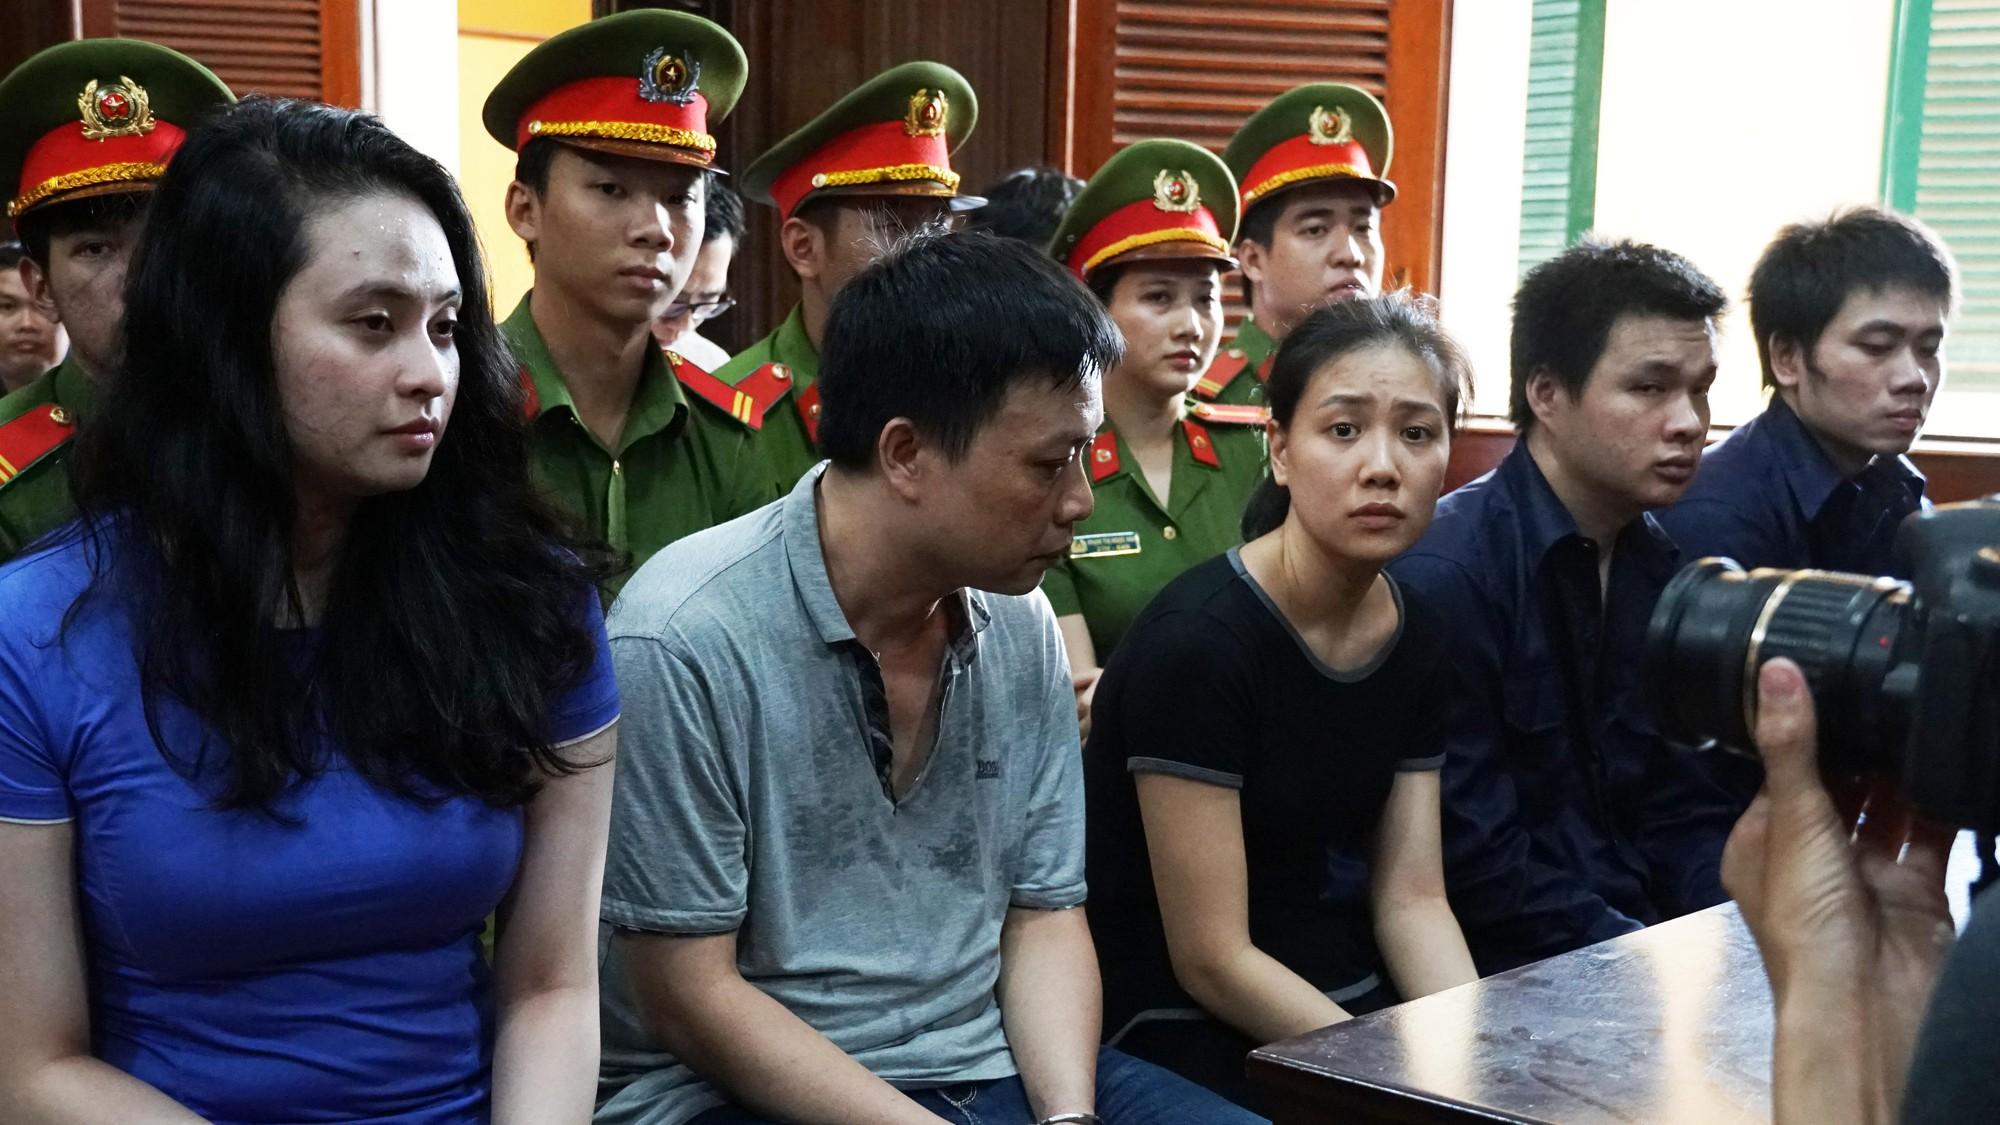 Tin tức pháp luật: Hotgirl Ngọc Miu hầu tòa cùng Văn Kính Dương, cô gái tử vong trong khách sạn sau khi gọi điện cầu cứu - Ảnh 2.